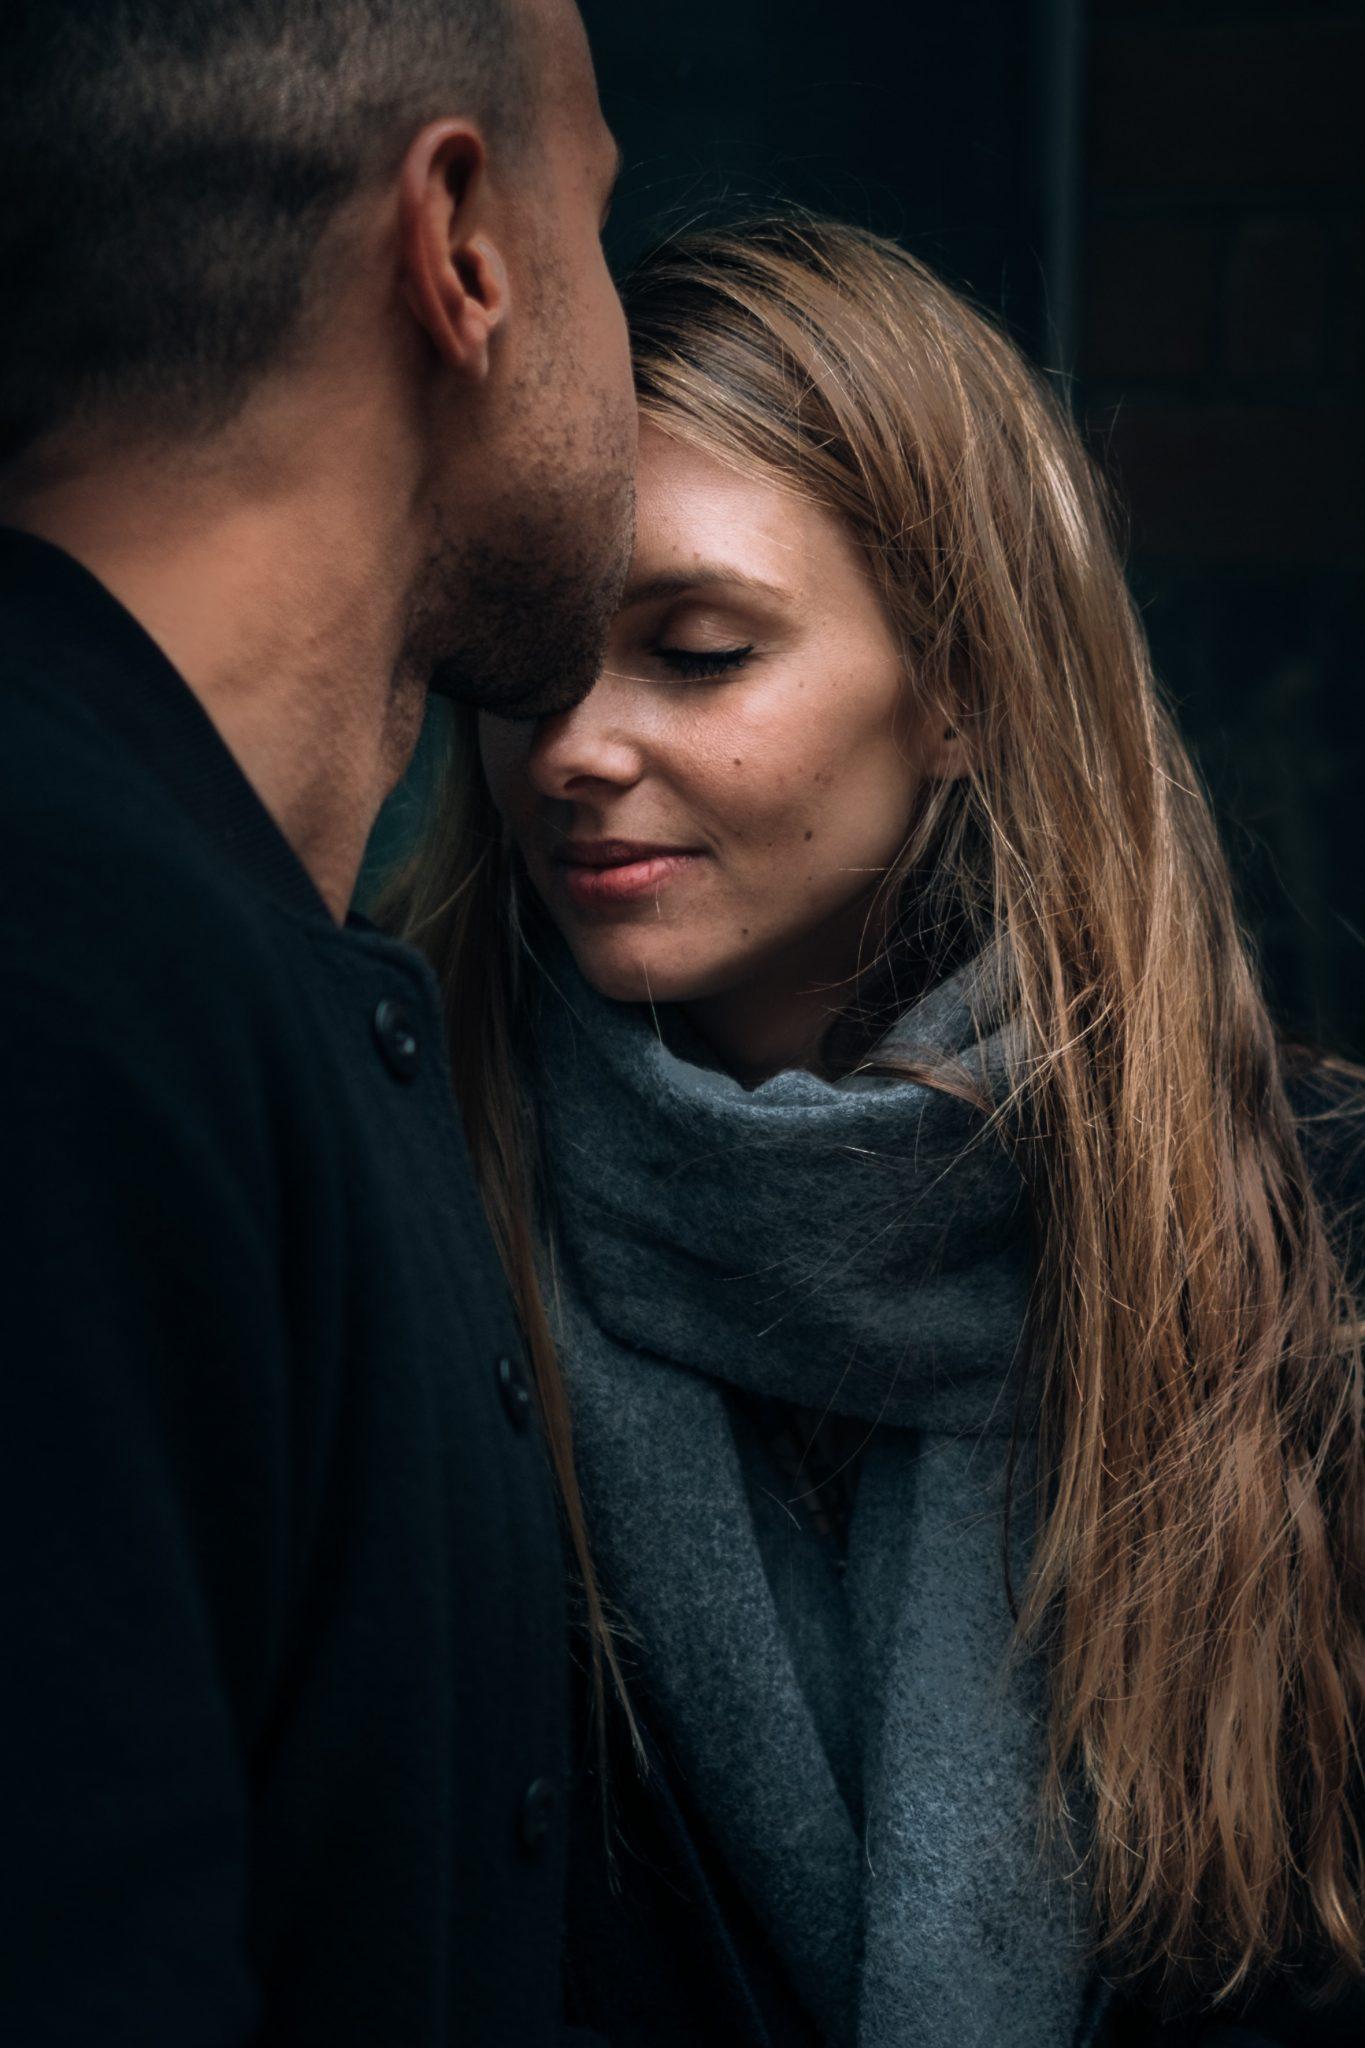 il fidanzato bacia in fronte la futura sposa